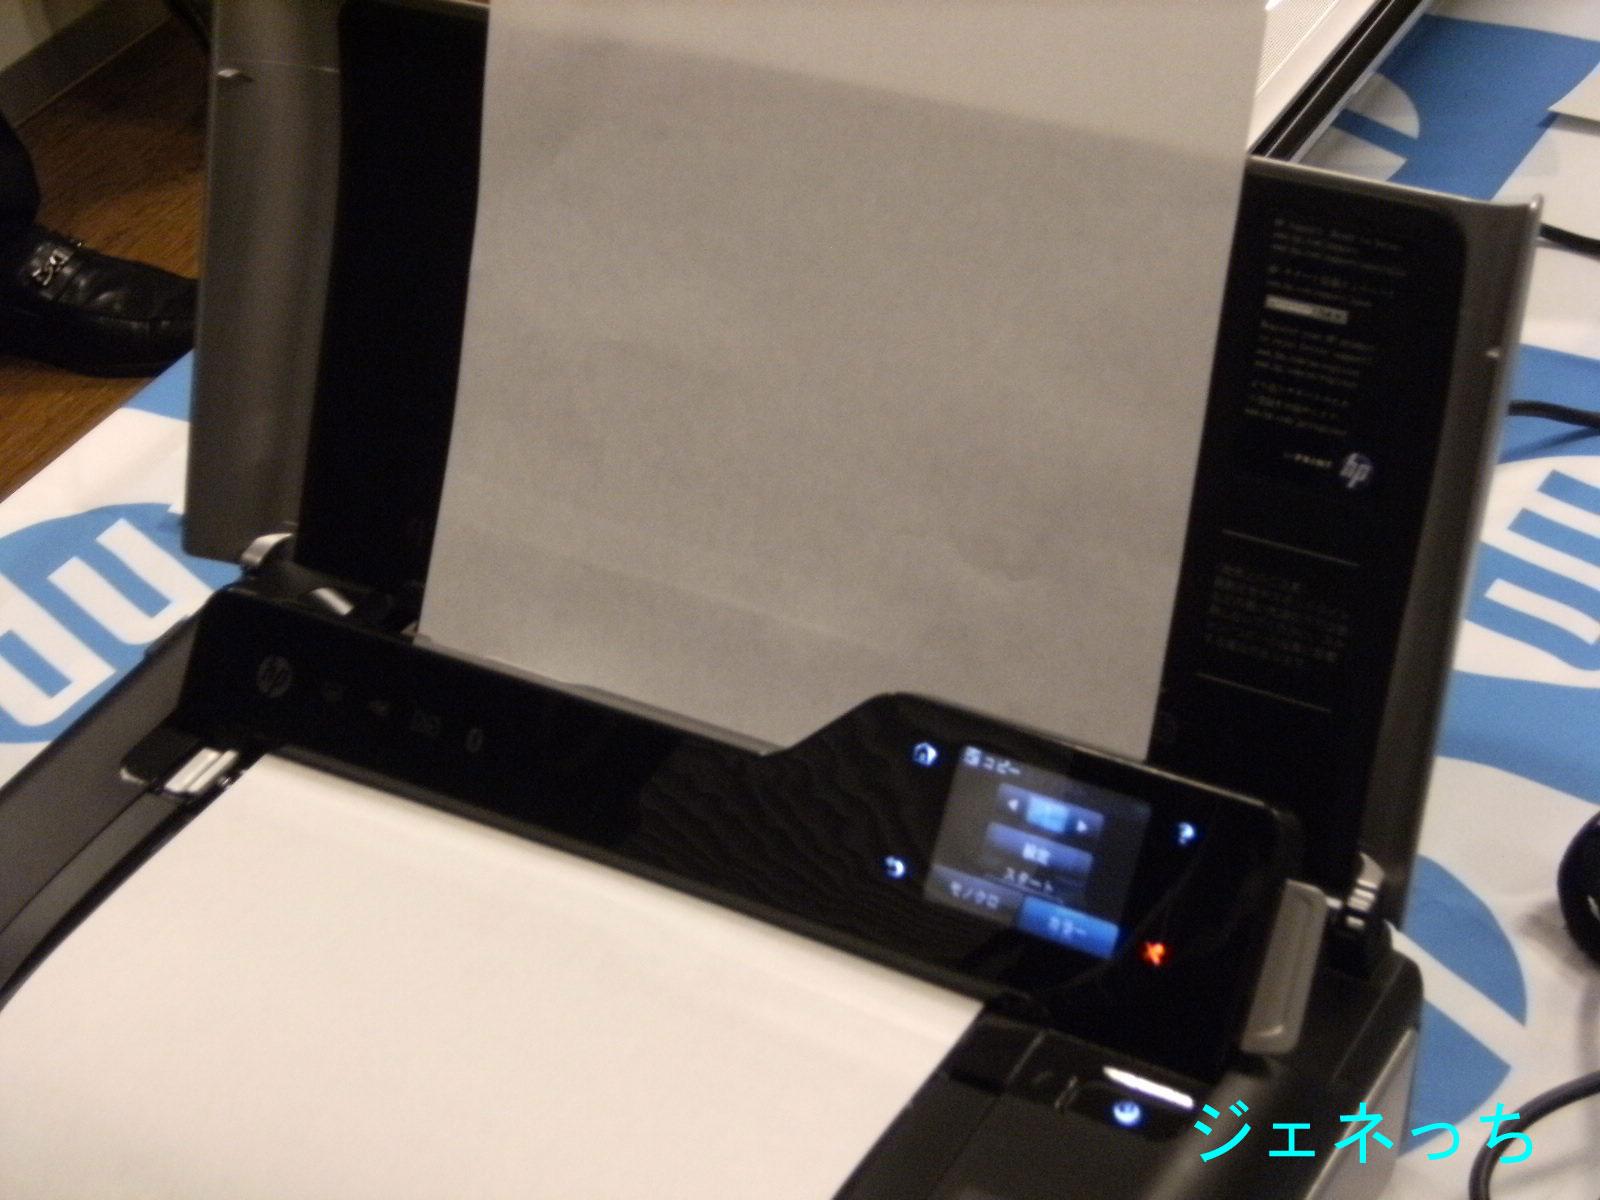 コピーする用紙と印刷する用